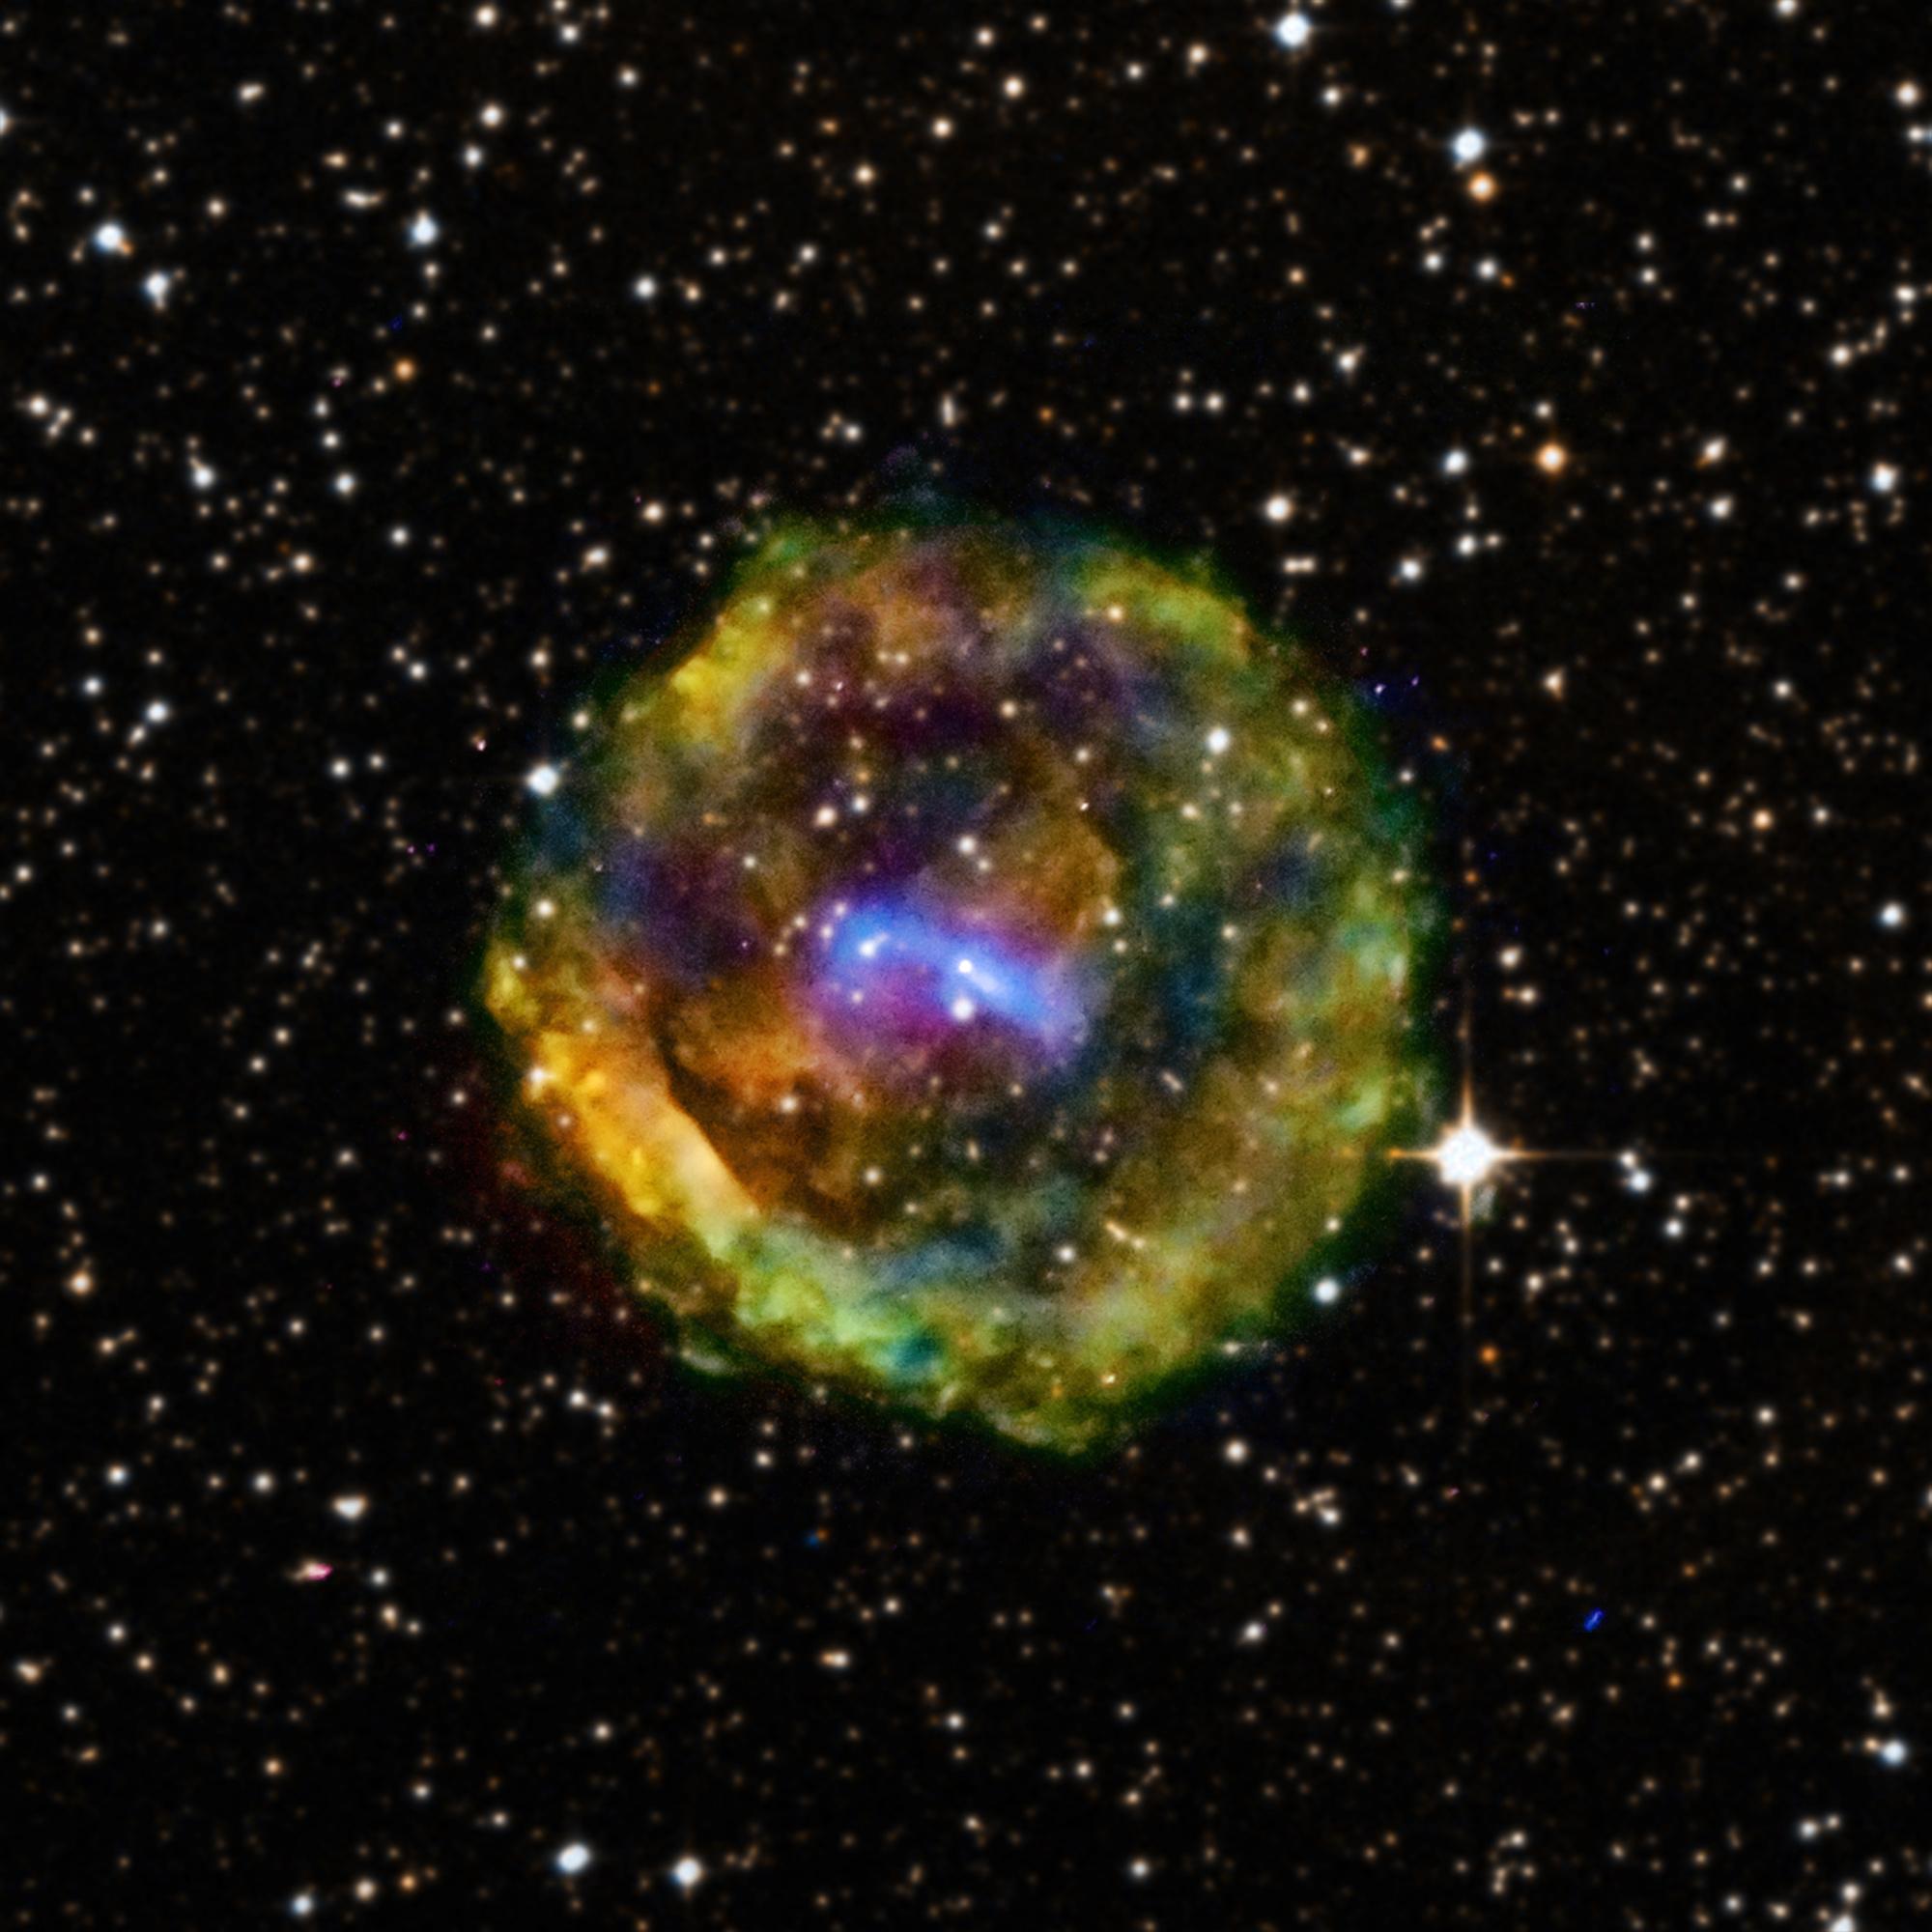 supernova remnant called G11